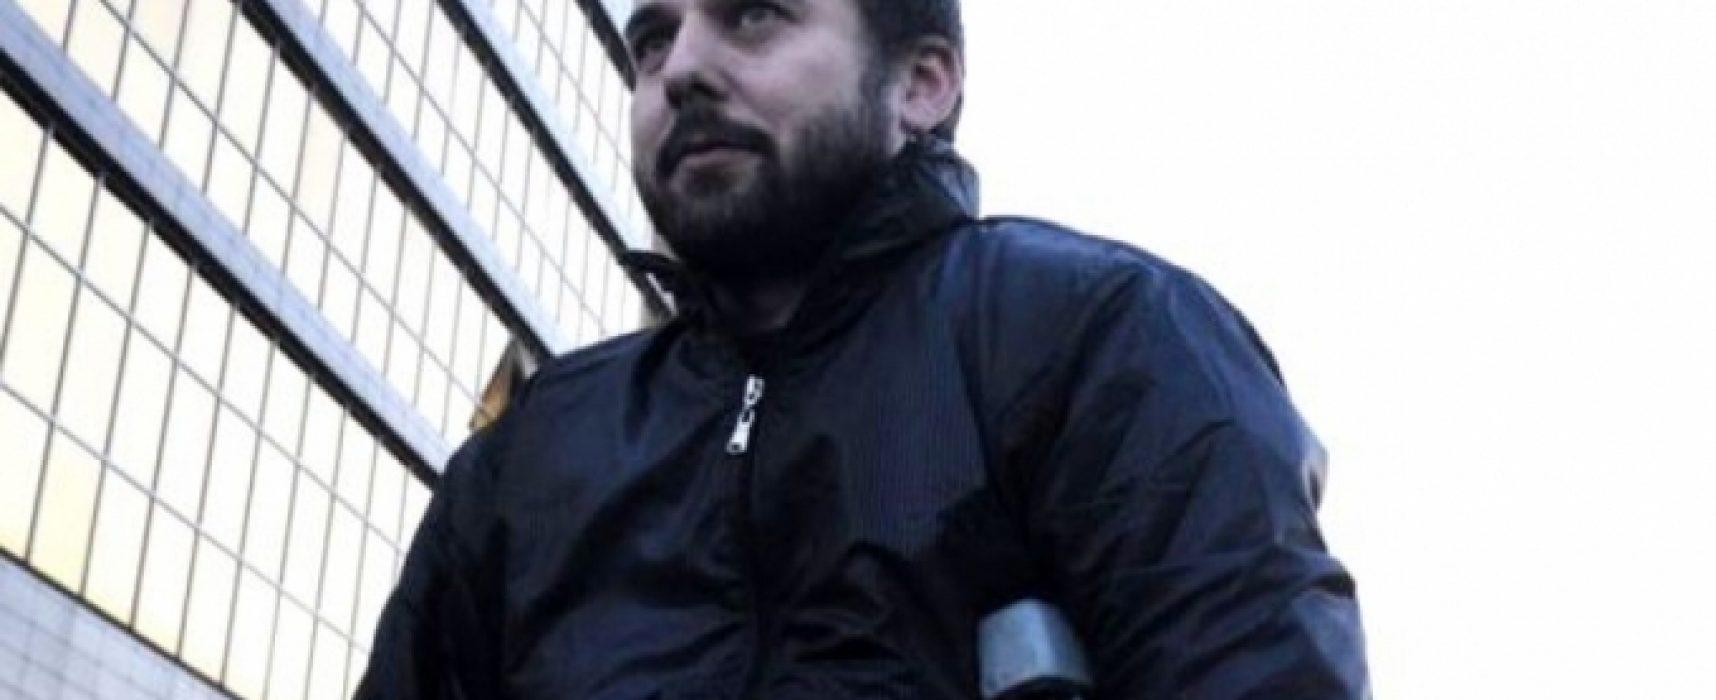 Akhmed Chataev il terrorista senza braccio